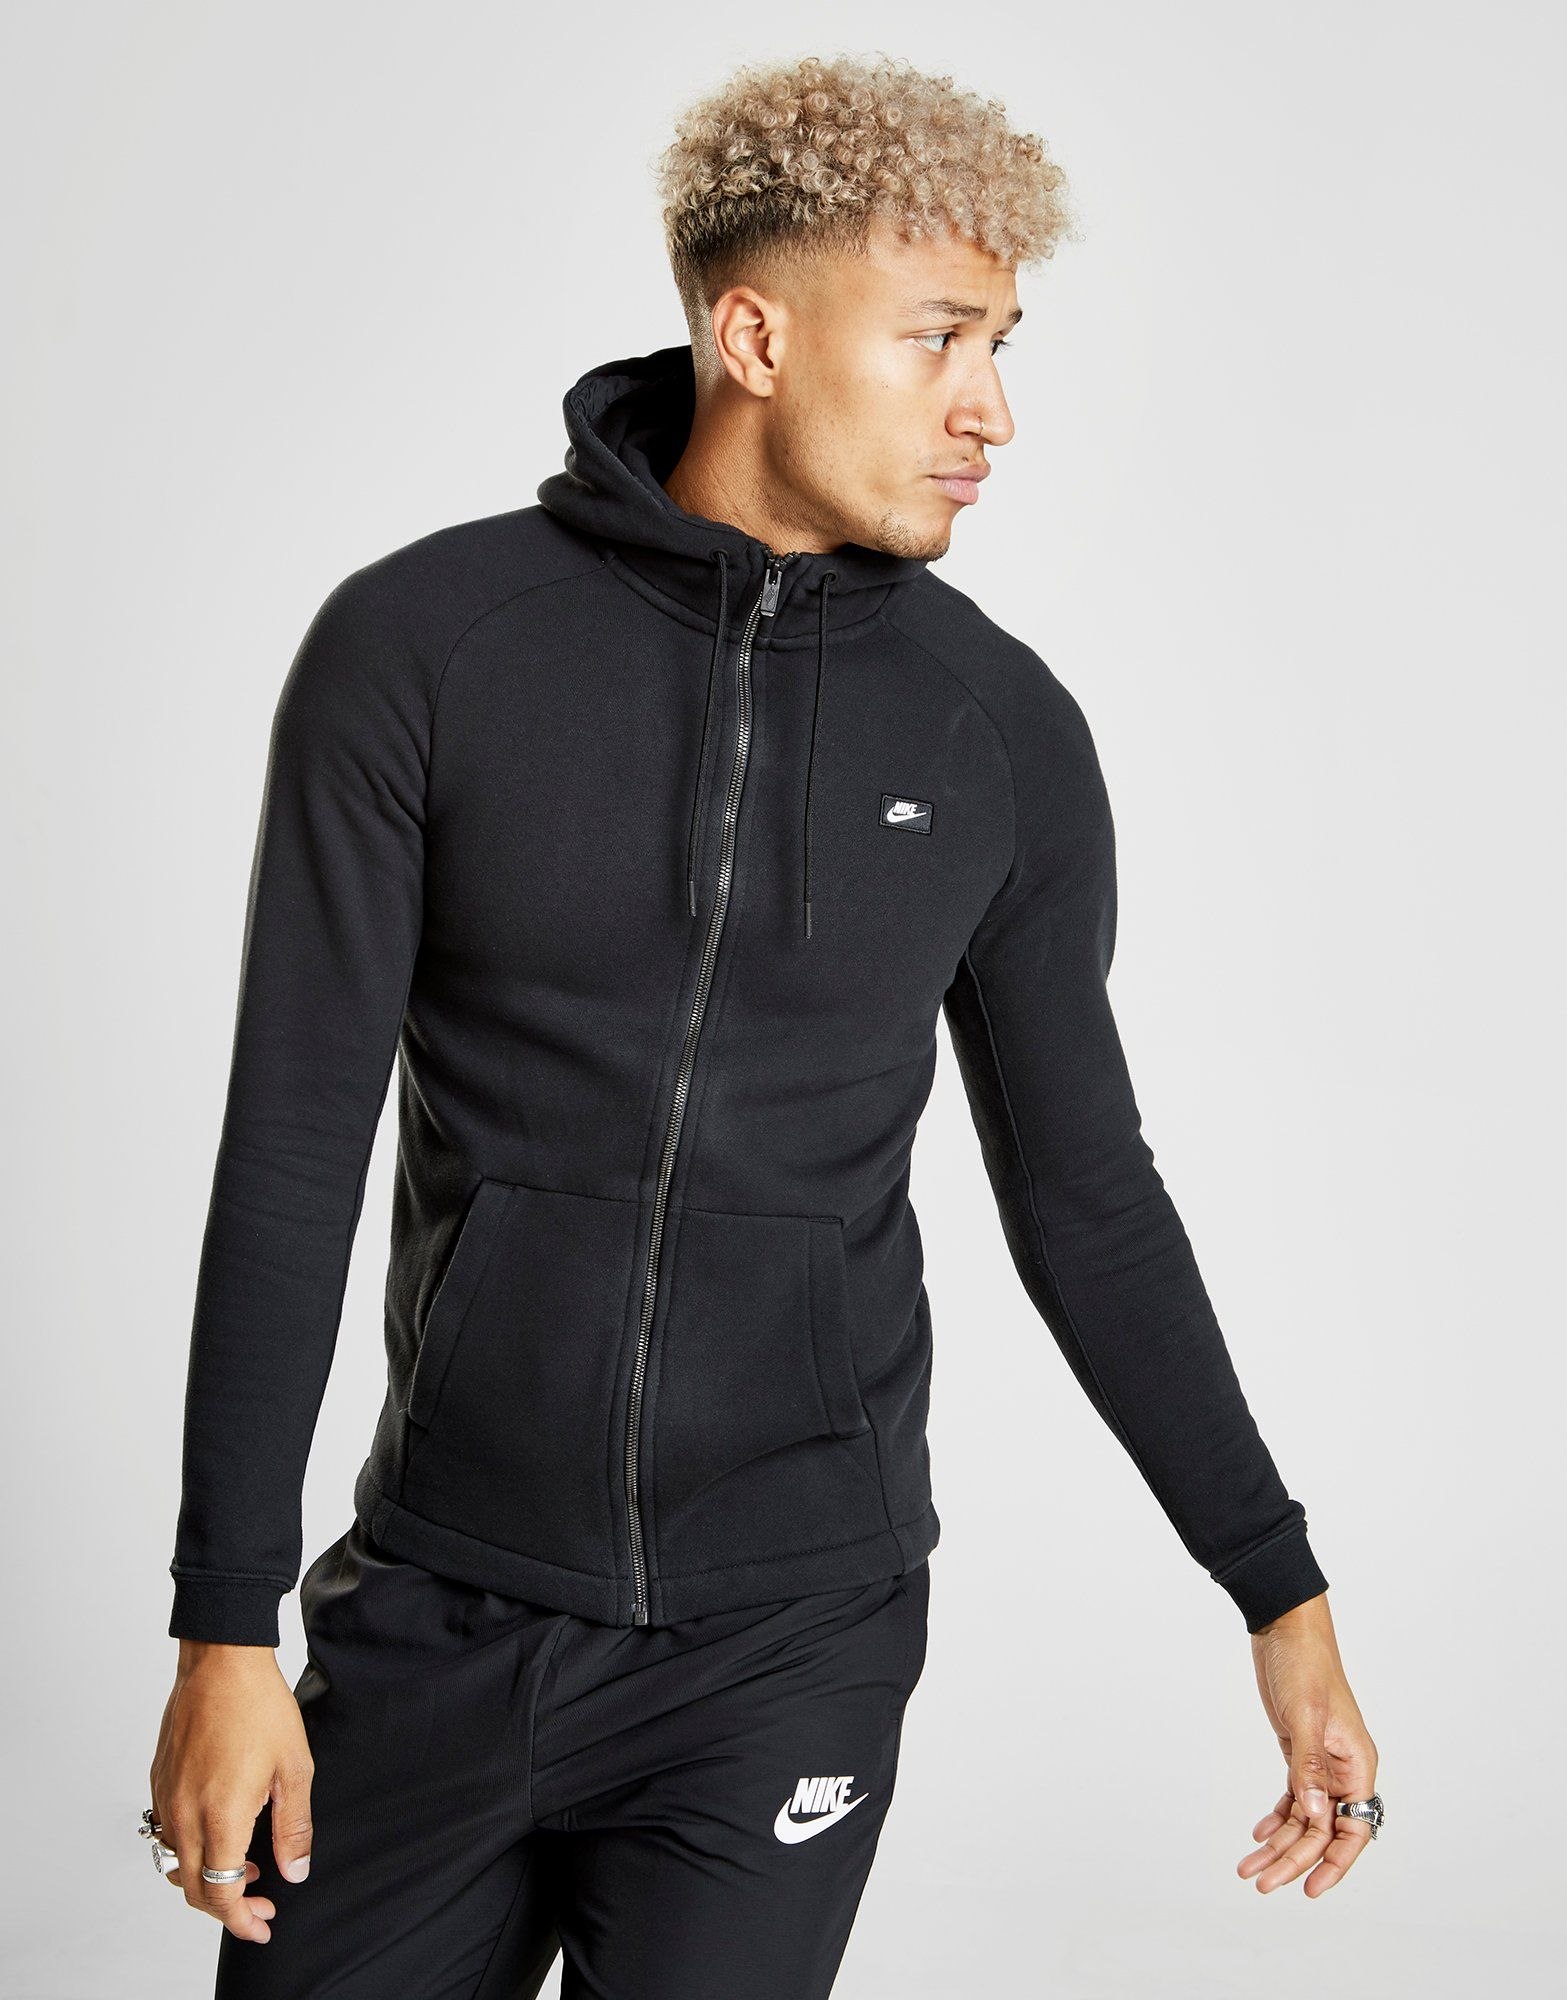 Modern Schwarz Nike Nike mit Rei脽verschluss Modern Hoodie durchgehendem Rei脽verschluss Modern Hoodie durchgehendem Hoodie Nike Schwarz mit EazHqZn4